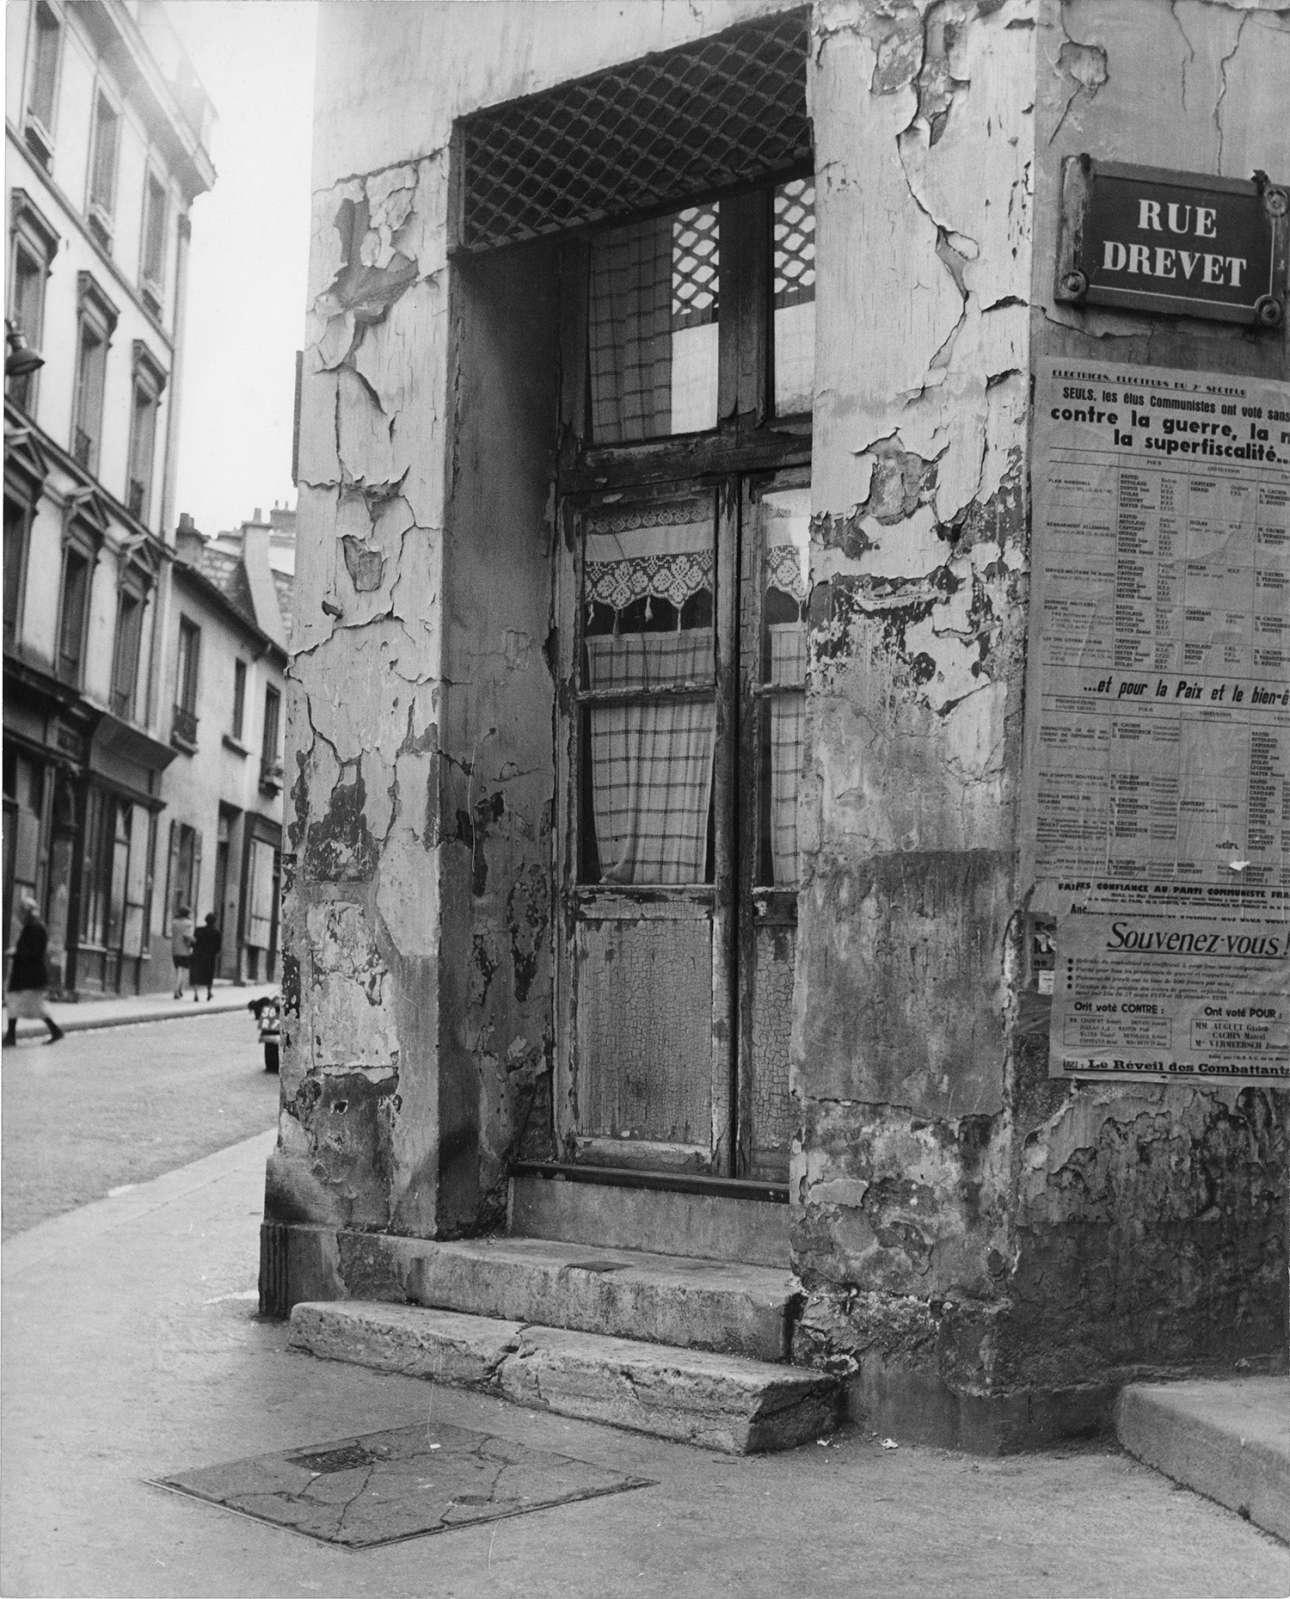 Η είσοδος ενός κτιρίου στο Παρίσι, 1951